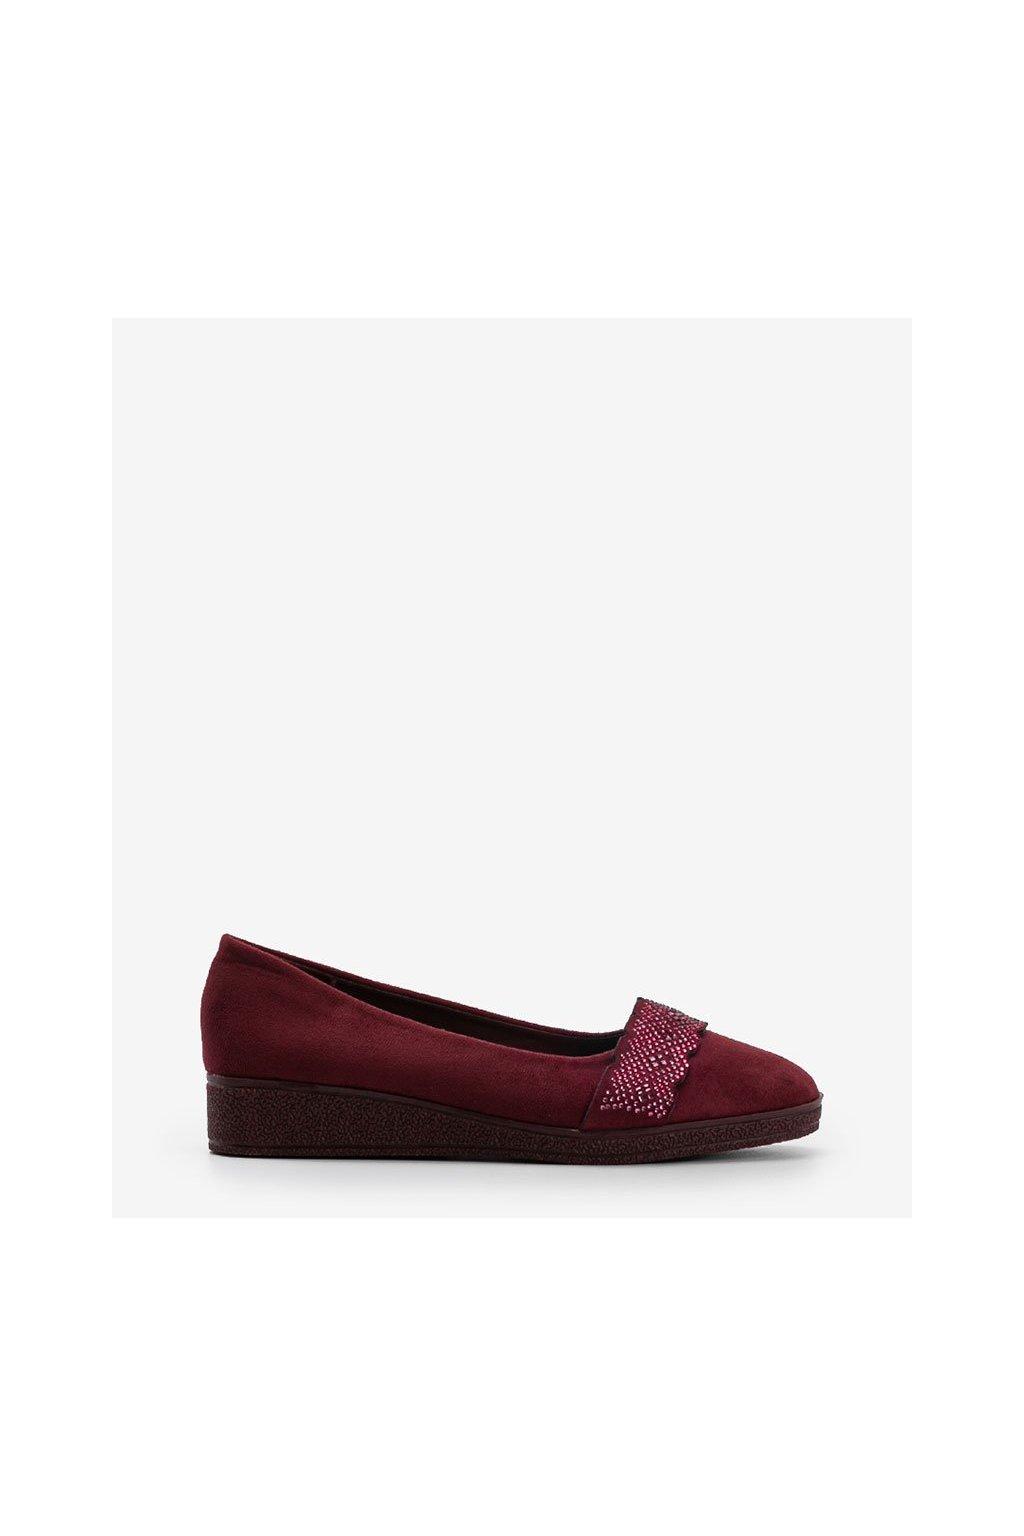 Dámske topánky mokasíny červené kód H9271 - GM